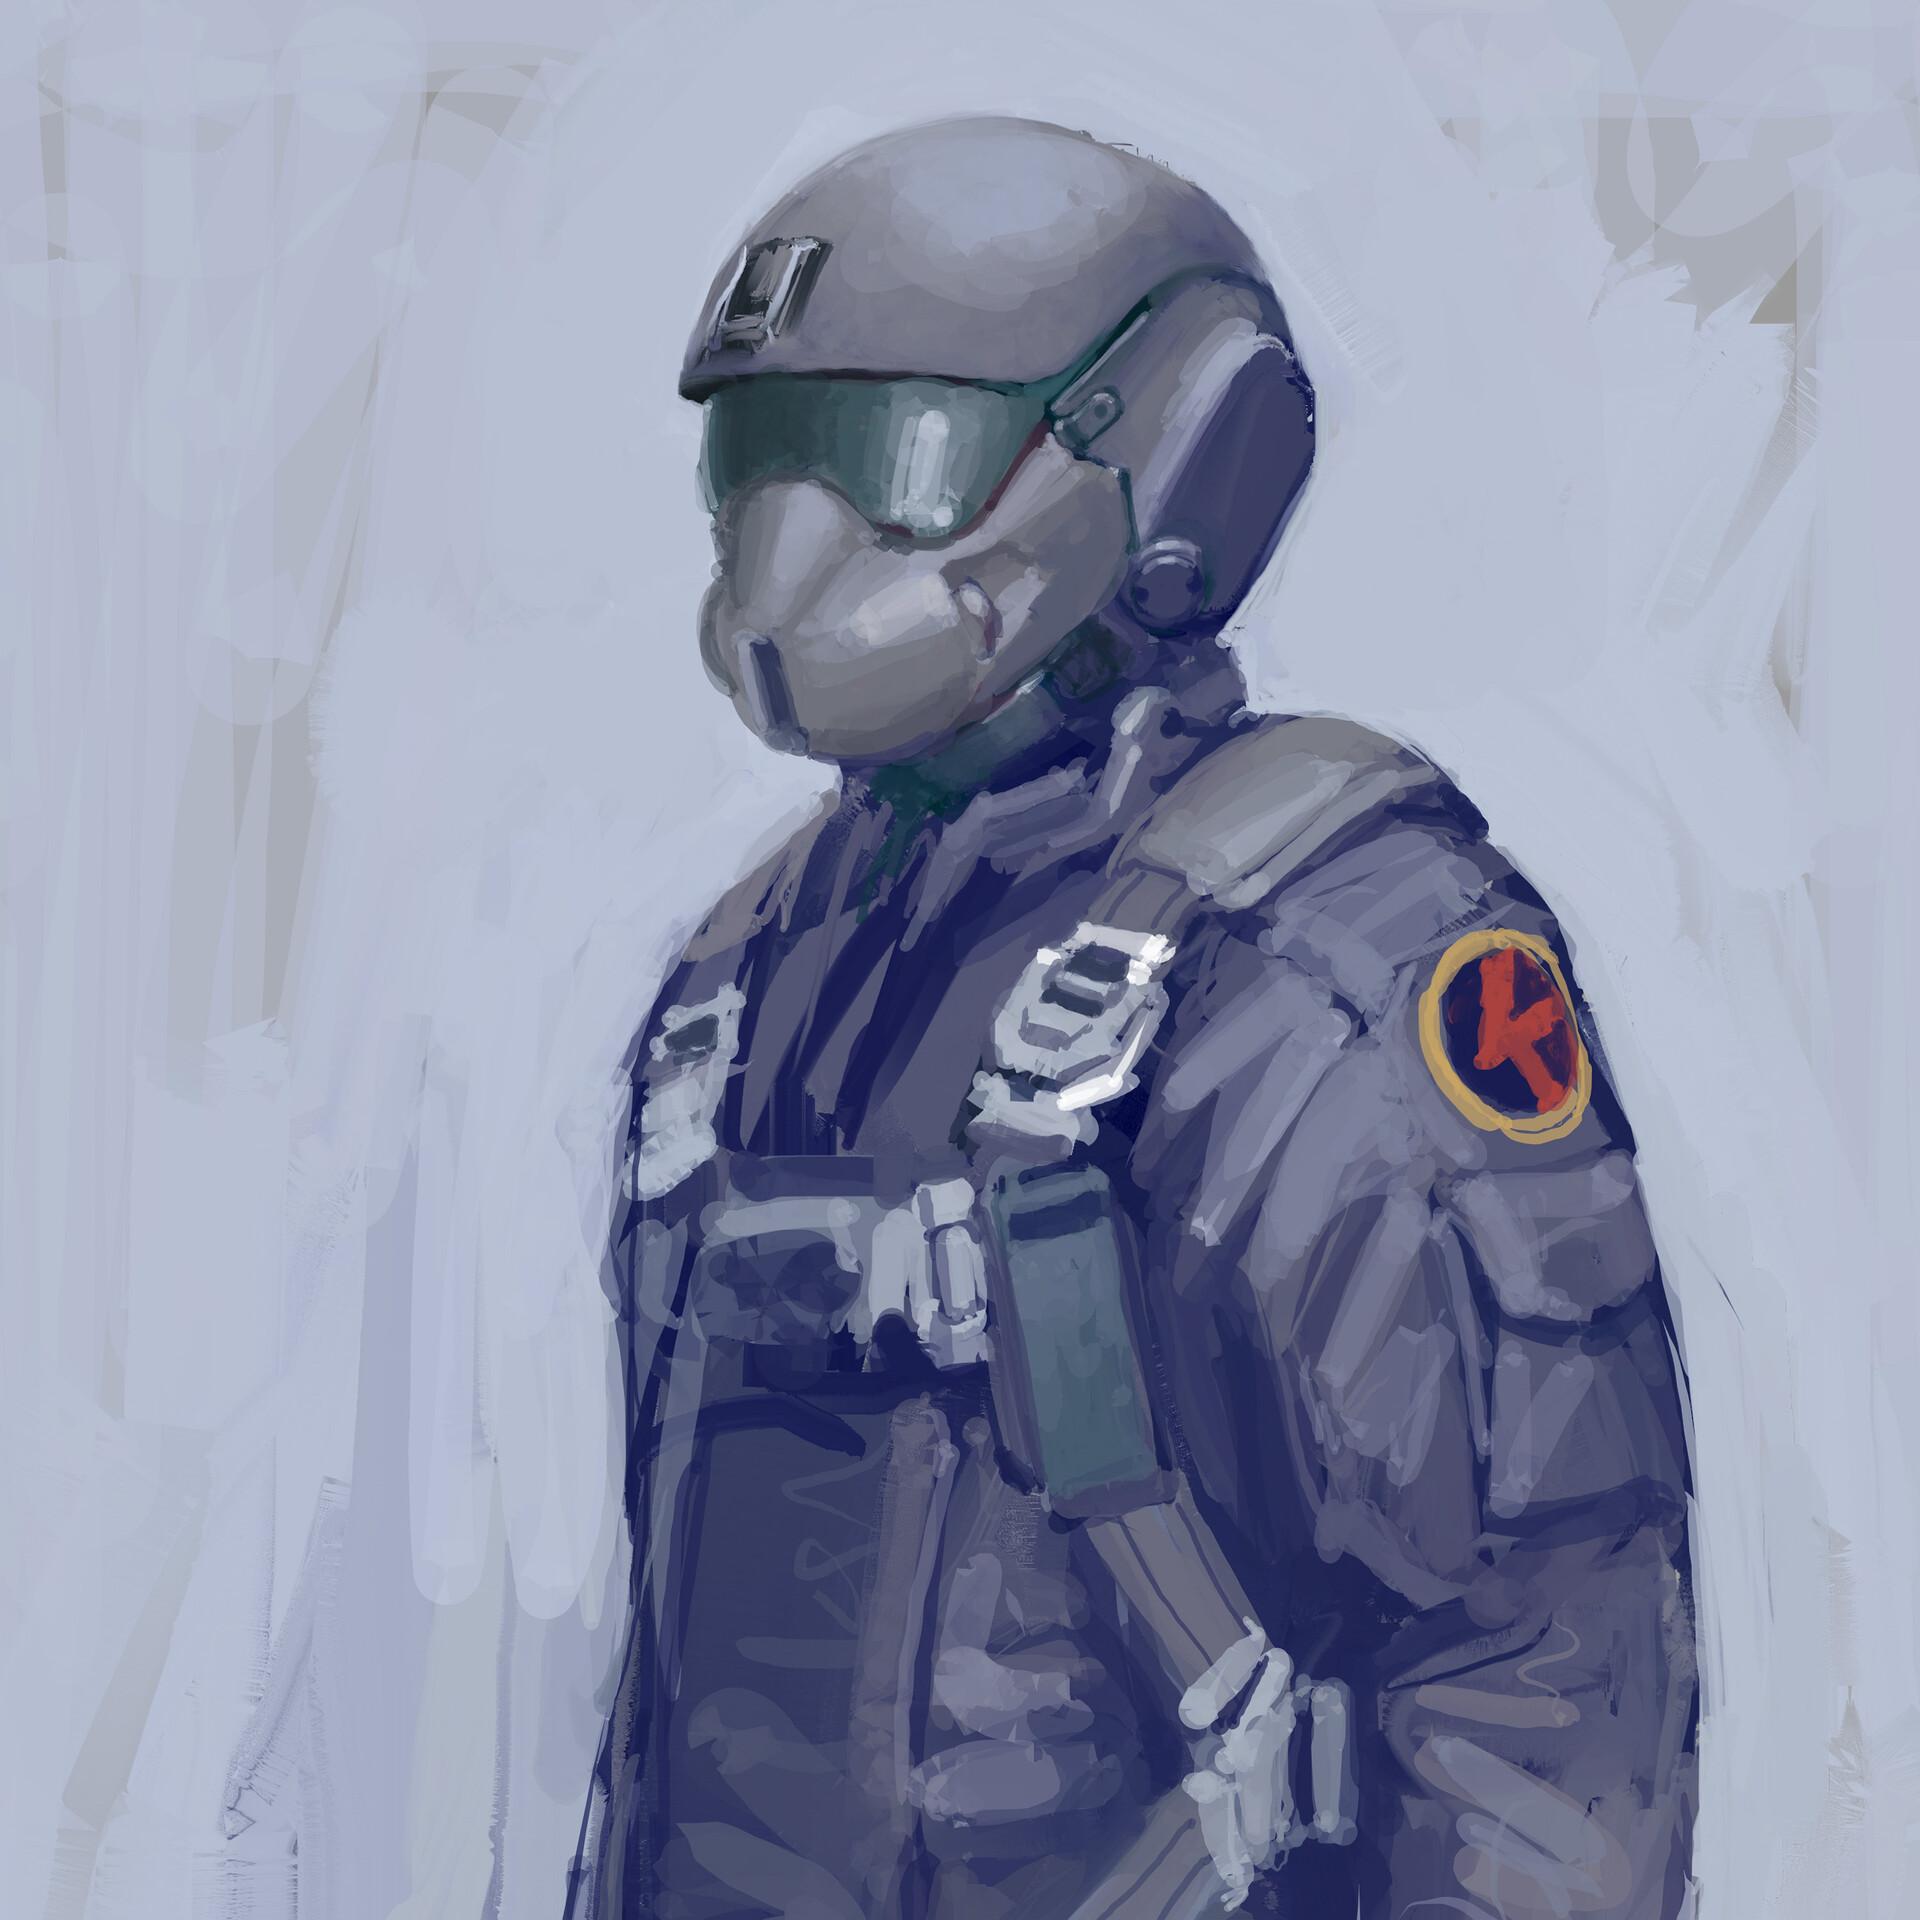 Ballistic face shield.